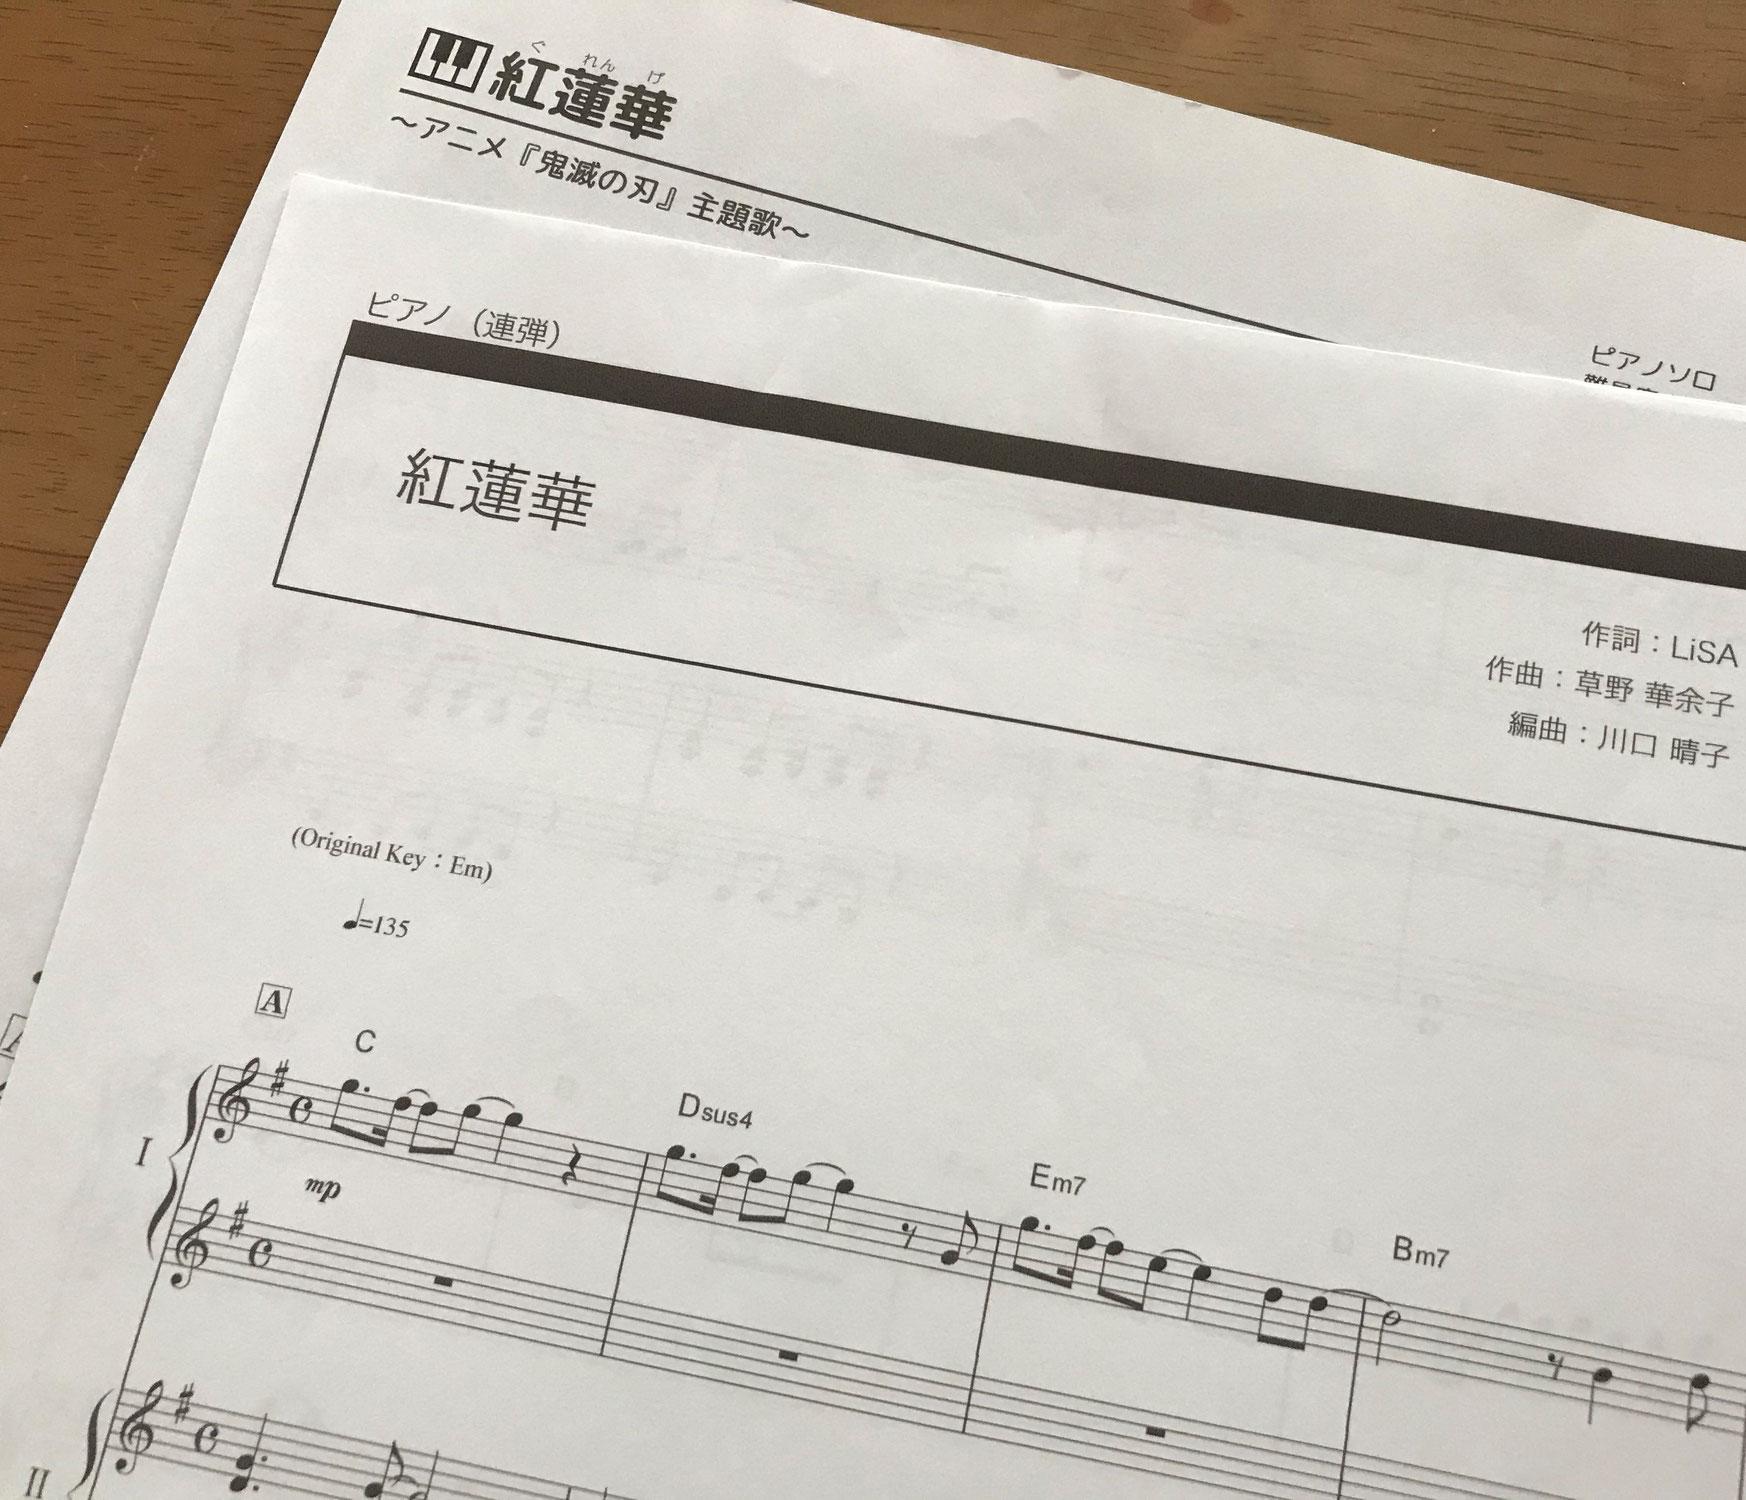 大ヒット曲「鬼滅の刃」の「紅蓮華」  ピアノで弾かせてあげたいけれど。。。。